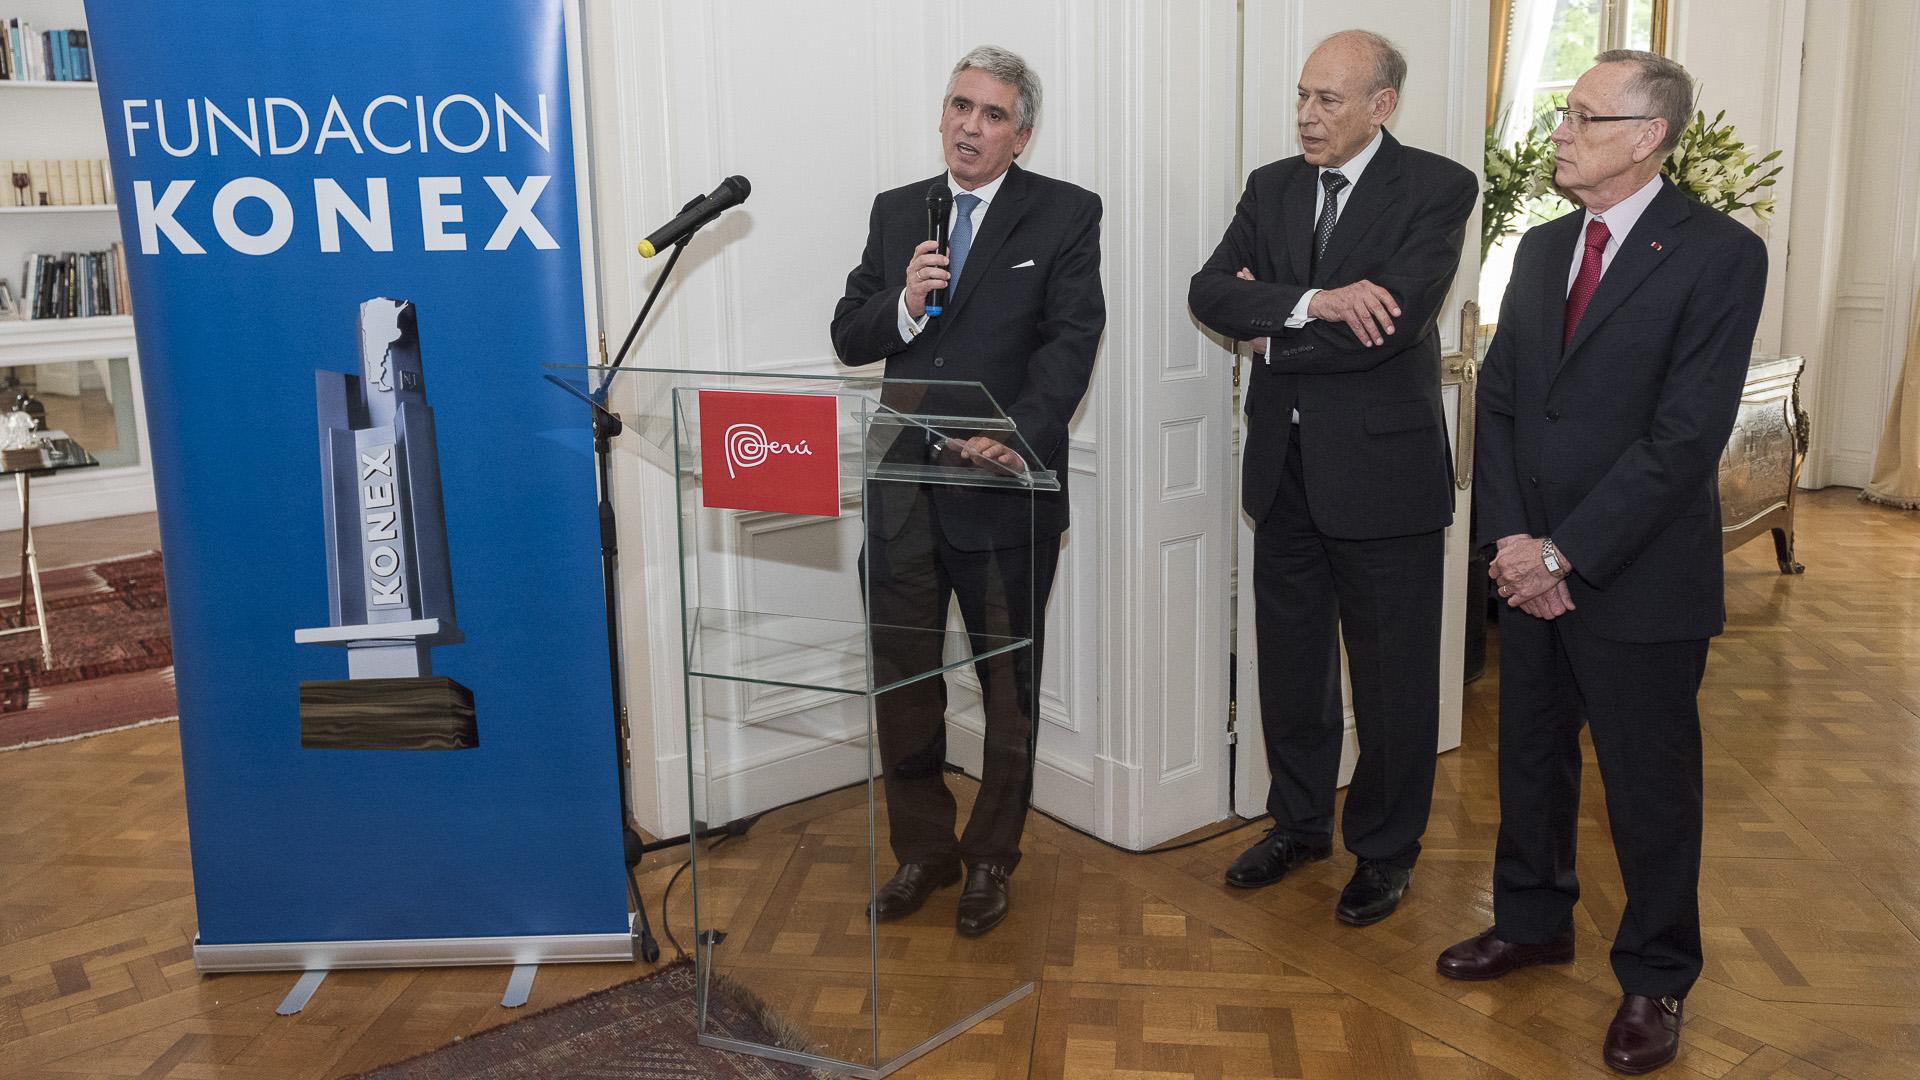 El embajador de Perú en la Argentina, Peter Camino Cannock, junto a Luis Ovsejevich y Adalberto Rodríguez Giavarini